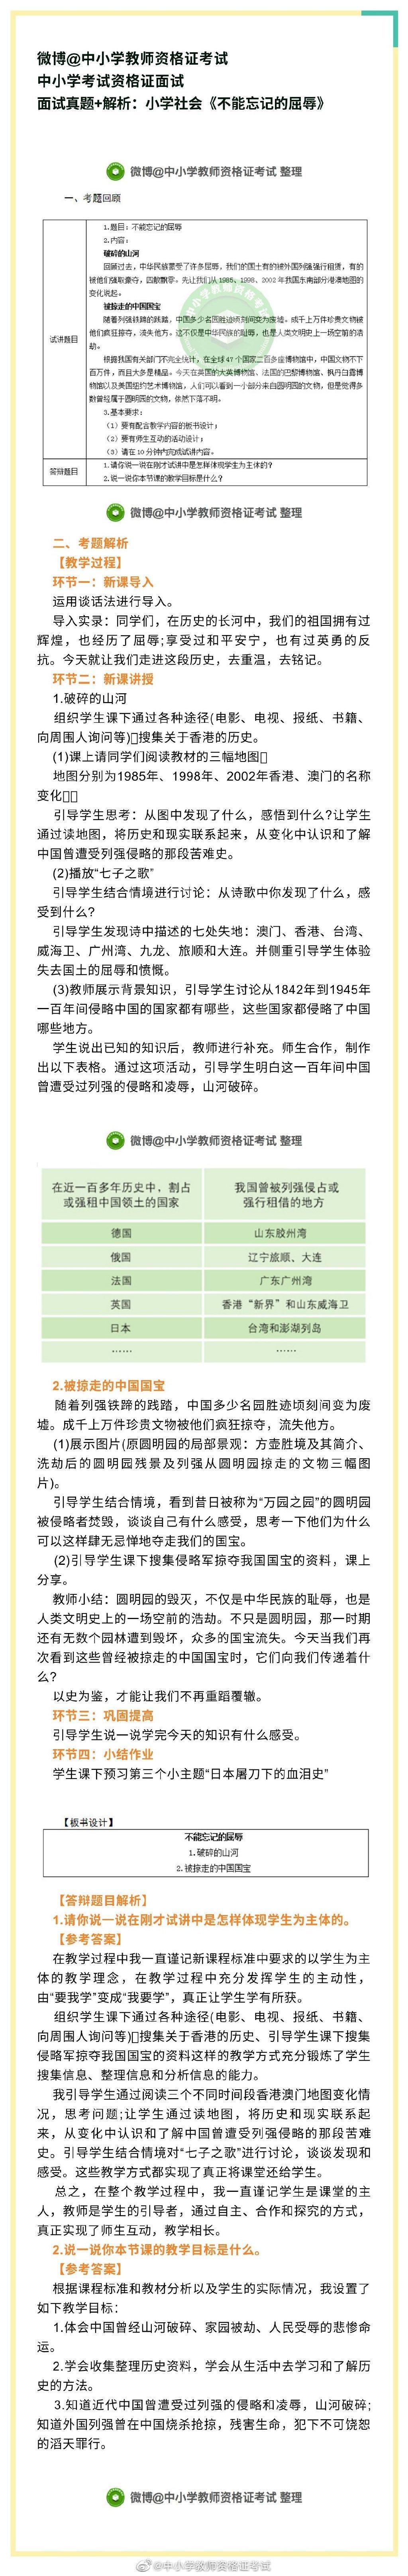 中小学第2波(政治面试真题)教学设计